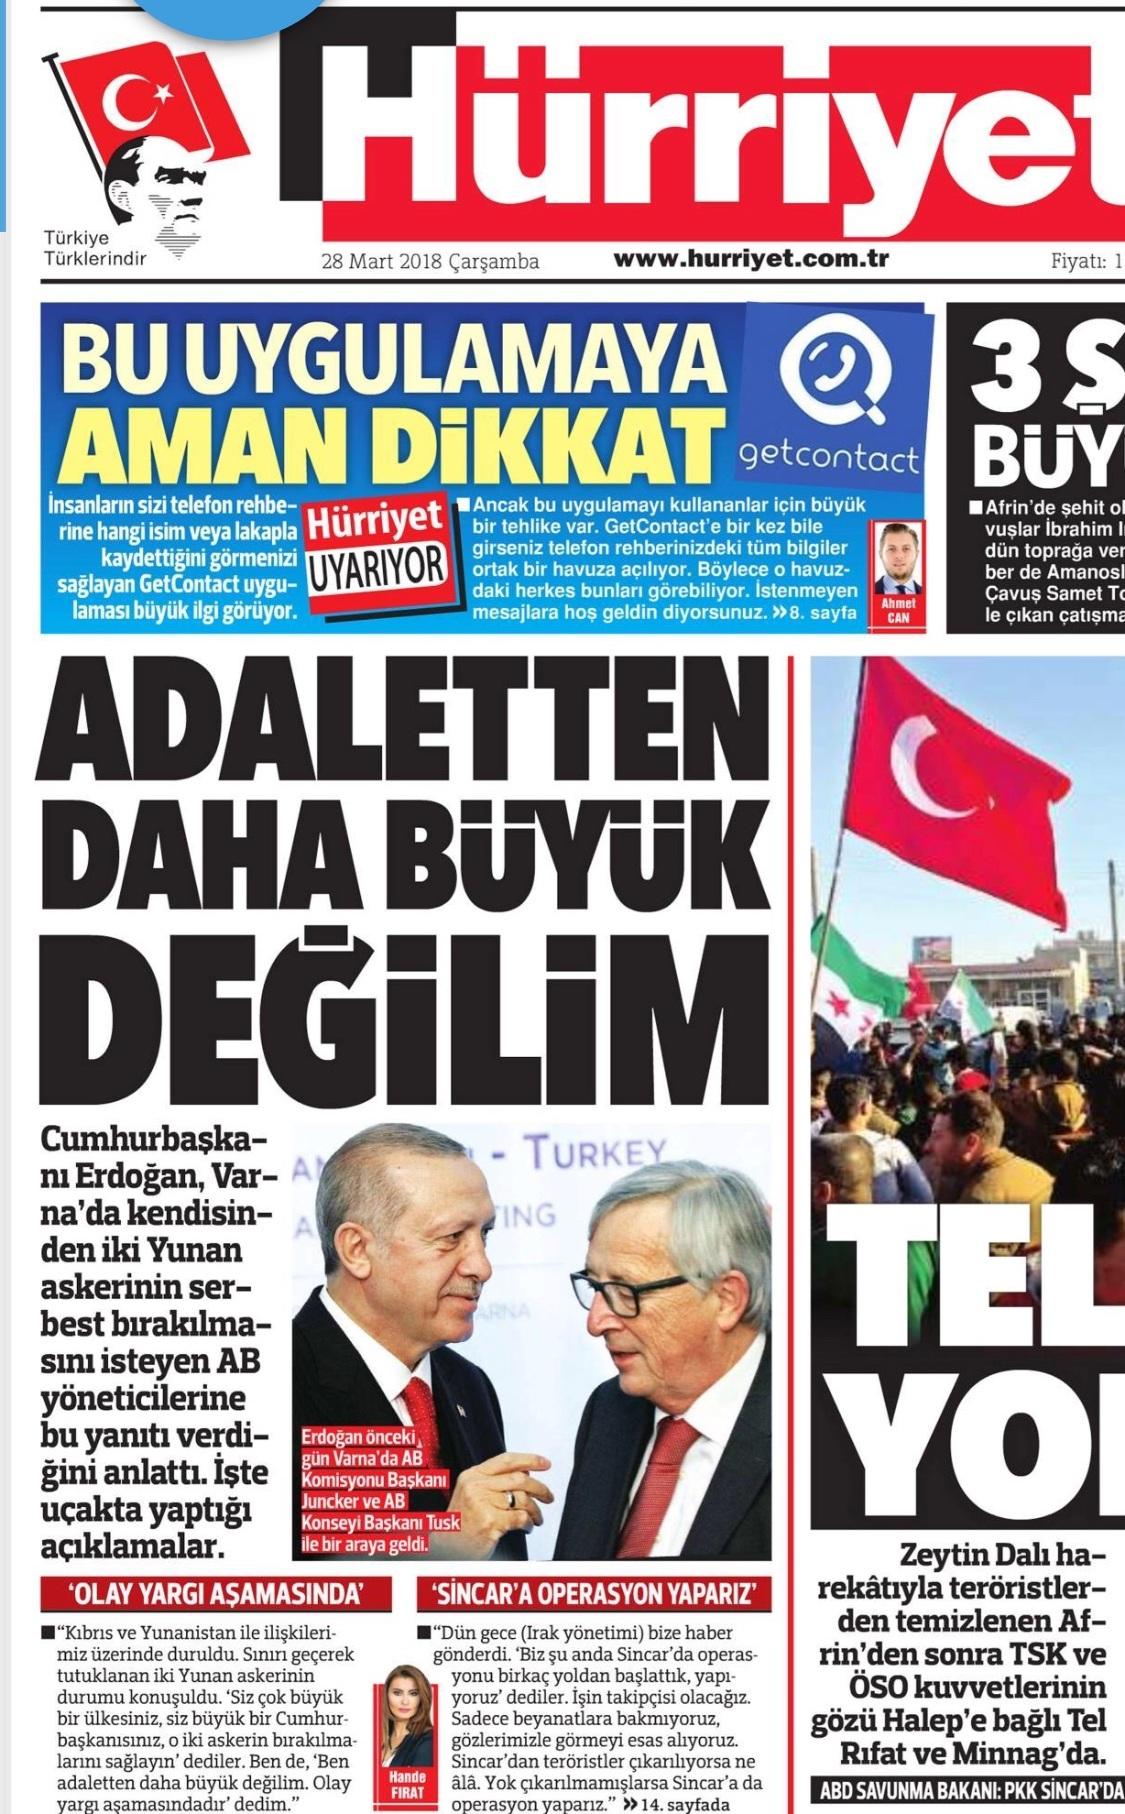 Πρωτοσέλιδο δημοσίευμα Hurriyet Erdogan για τους δυο Έλληνες στρατιωτικούς